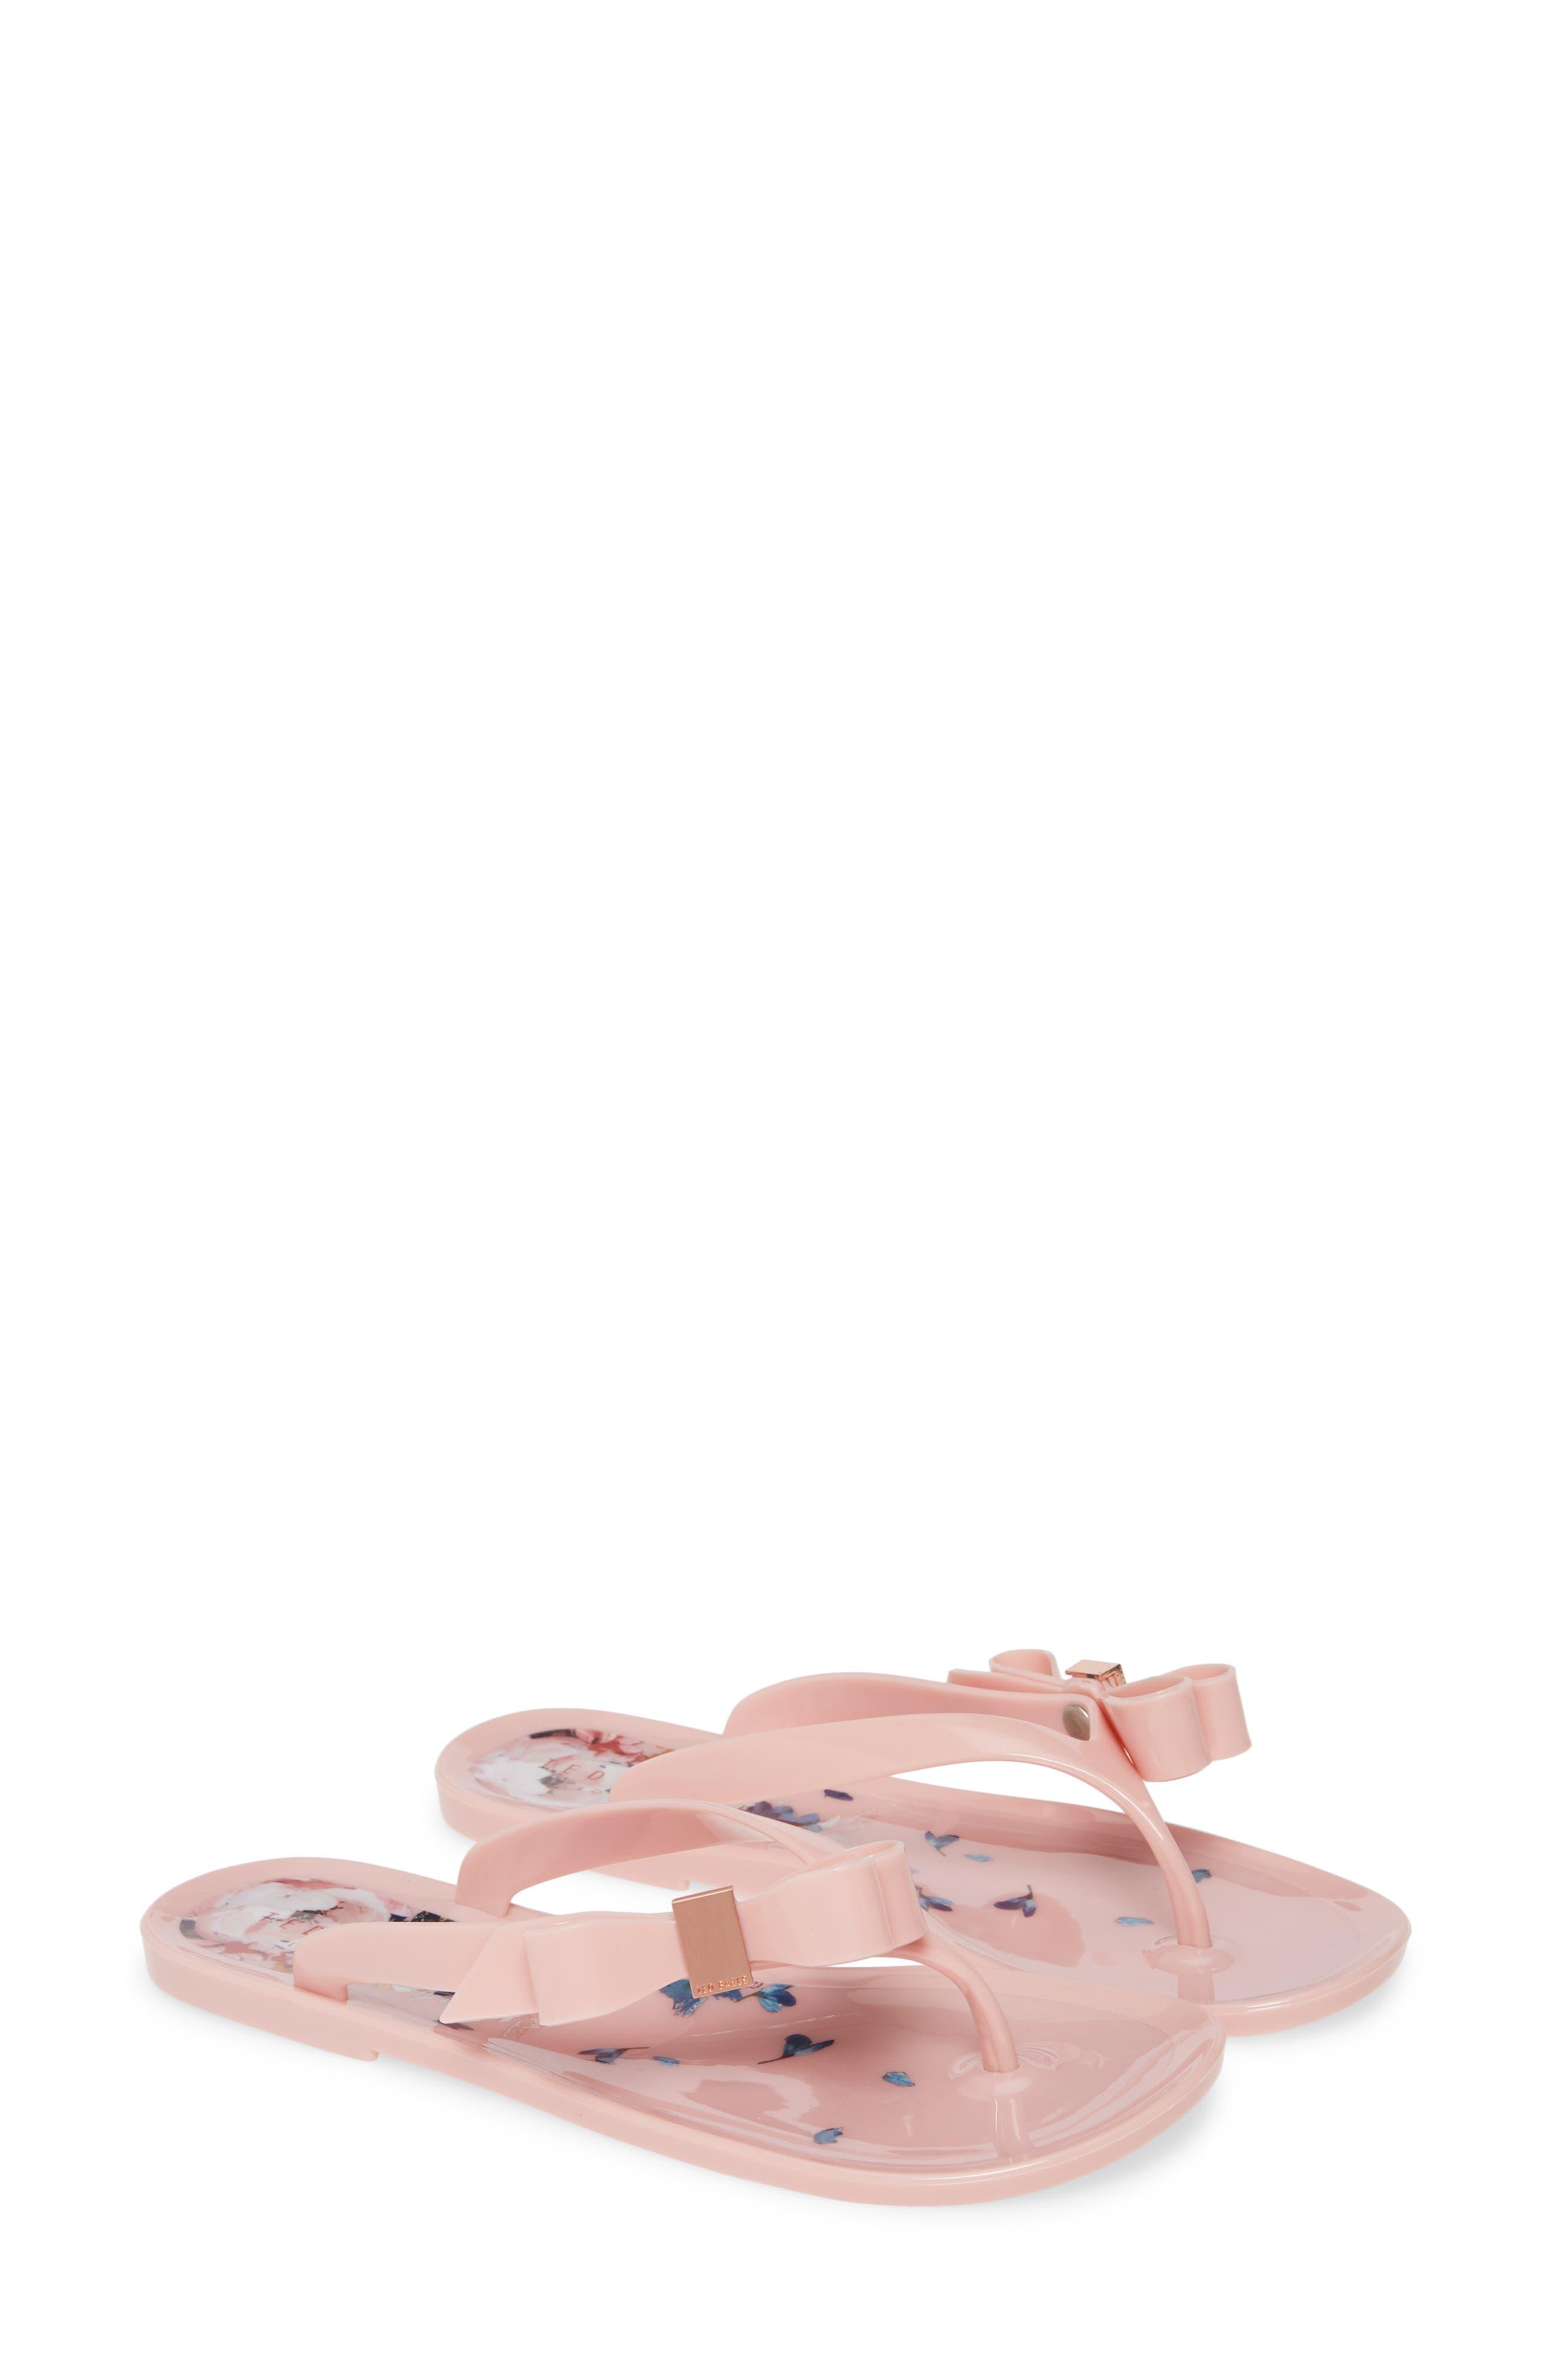 Ted Baker London Suzzip Flip Flop, Pink